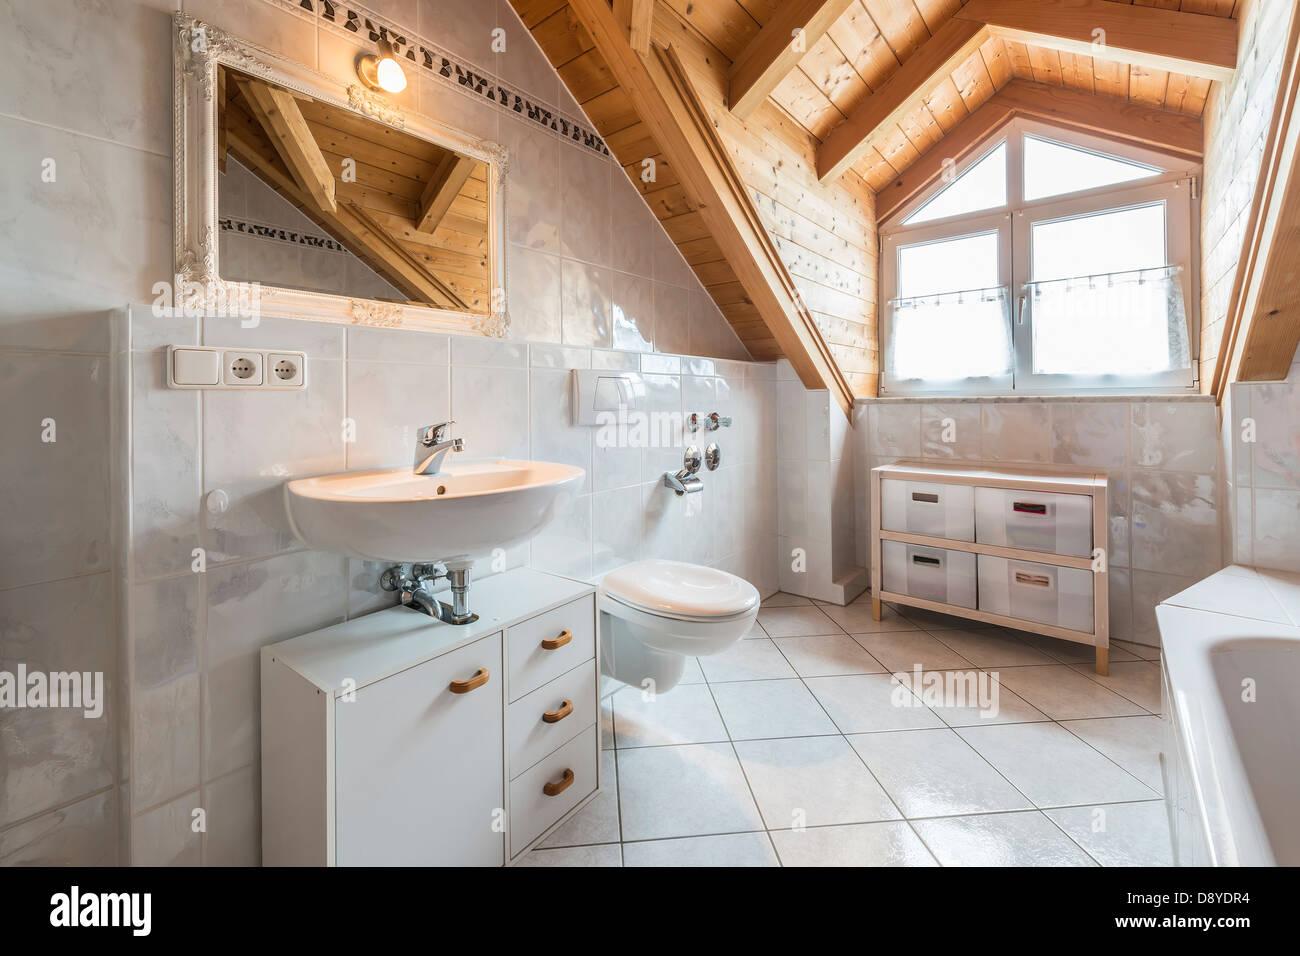 Bagno di un appartamento in mansarda con vasca specchio luce